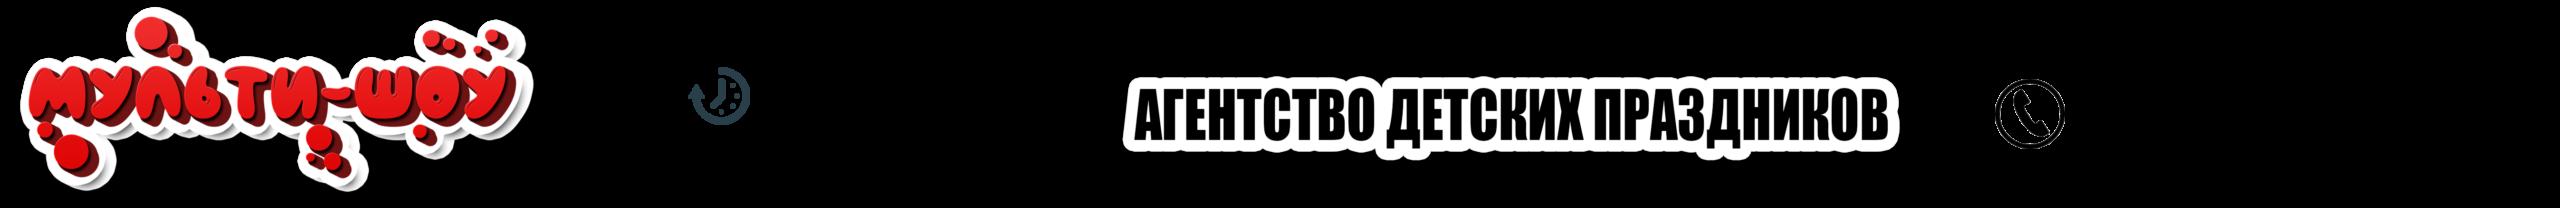 Организация детских праздников в Курске!